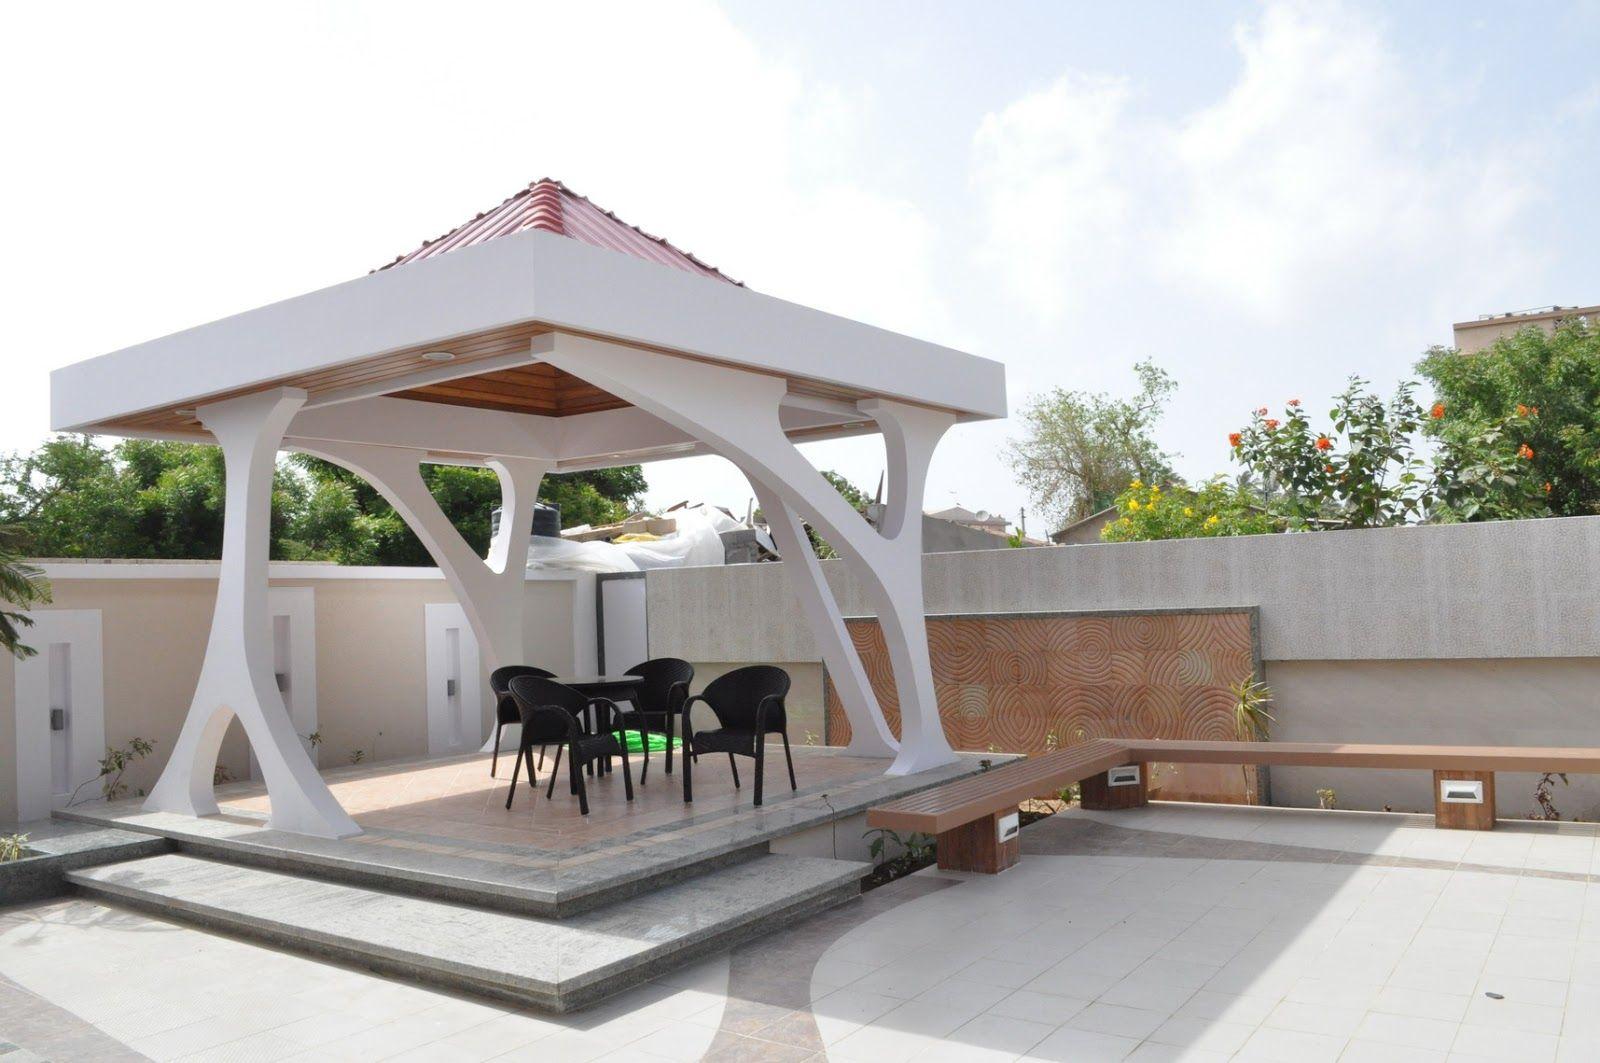 60 Desain Gazebo Minimalis Bambu Dan Kayu Desainrumahnya Com Modern Gazebo Gazebo Patio Gazebo Modern garden gazebo designs